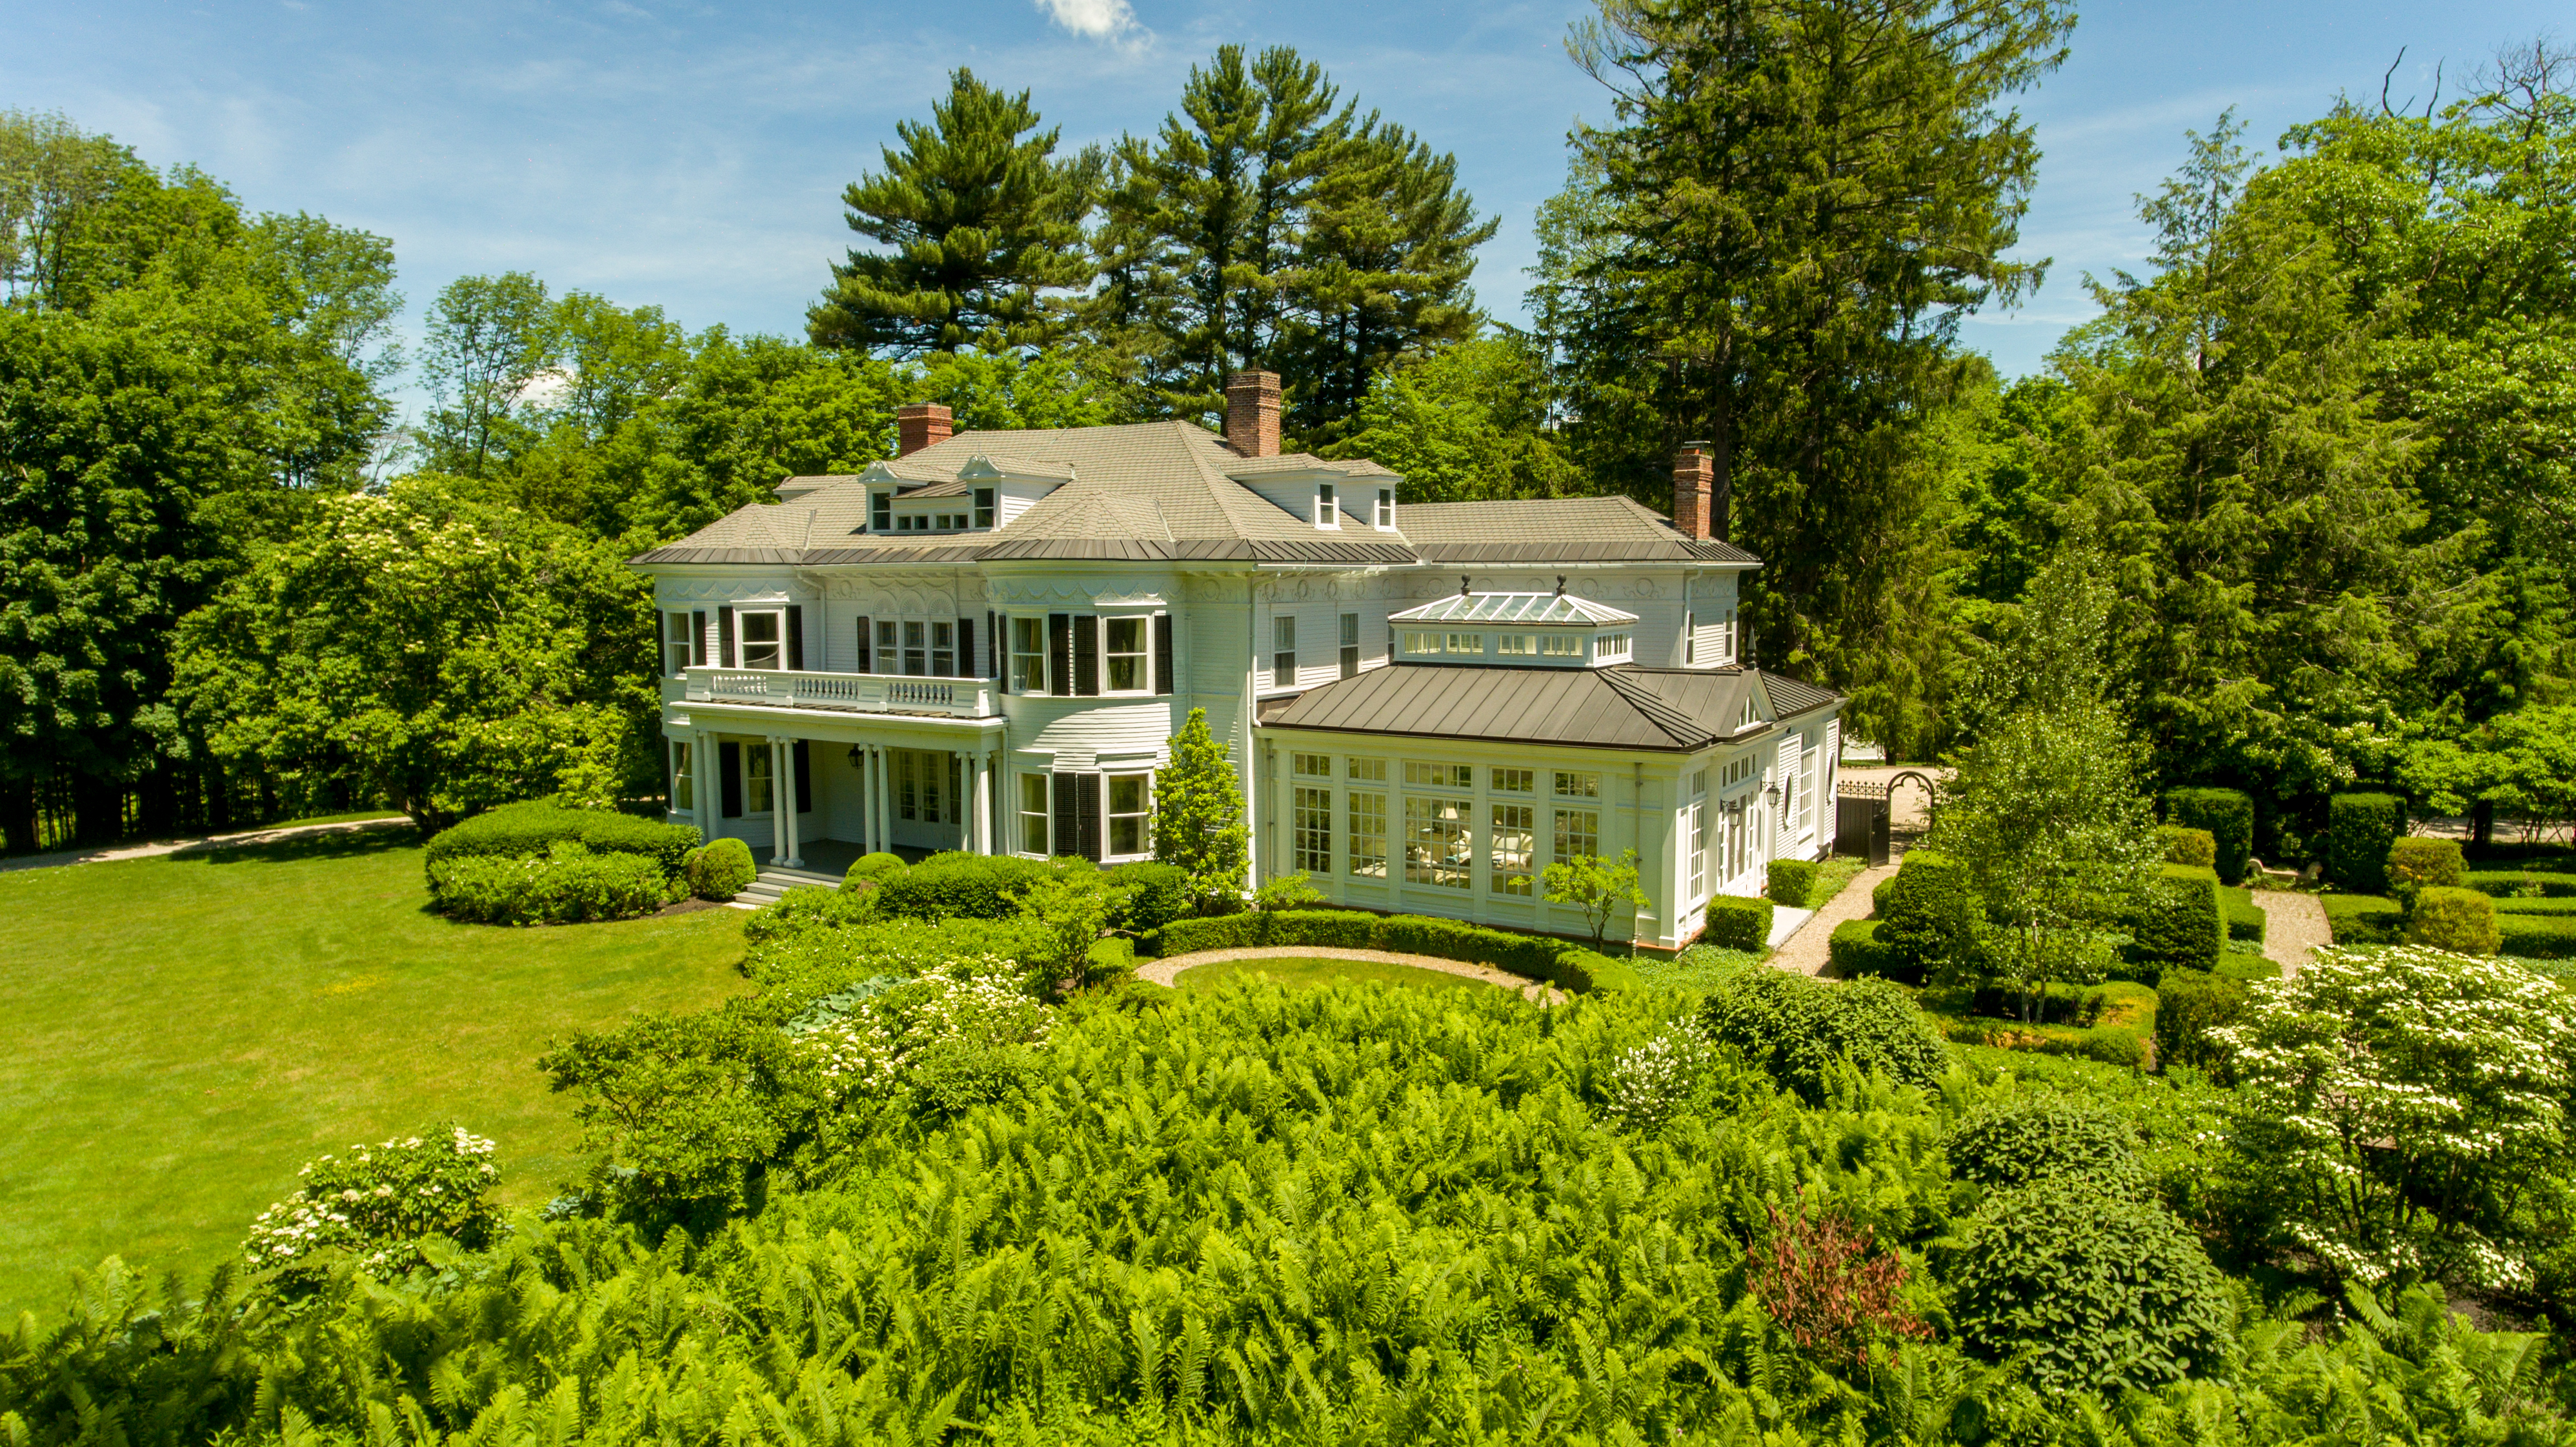 Tek Ailelik Ev için Satış at Thistlewood - A Timeless & Classic Berkshire Cottage 151 Walker St Lenox, Massachusetts, 01240 Amerika Birleşik Devletleri